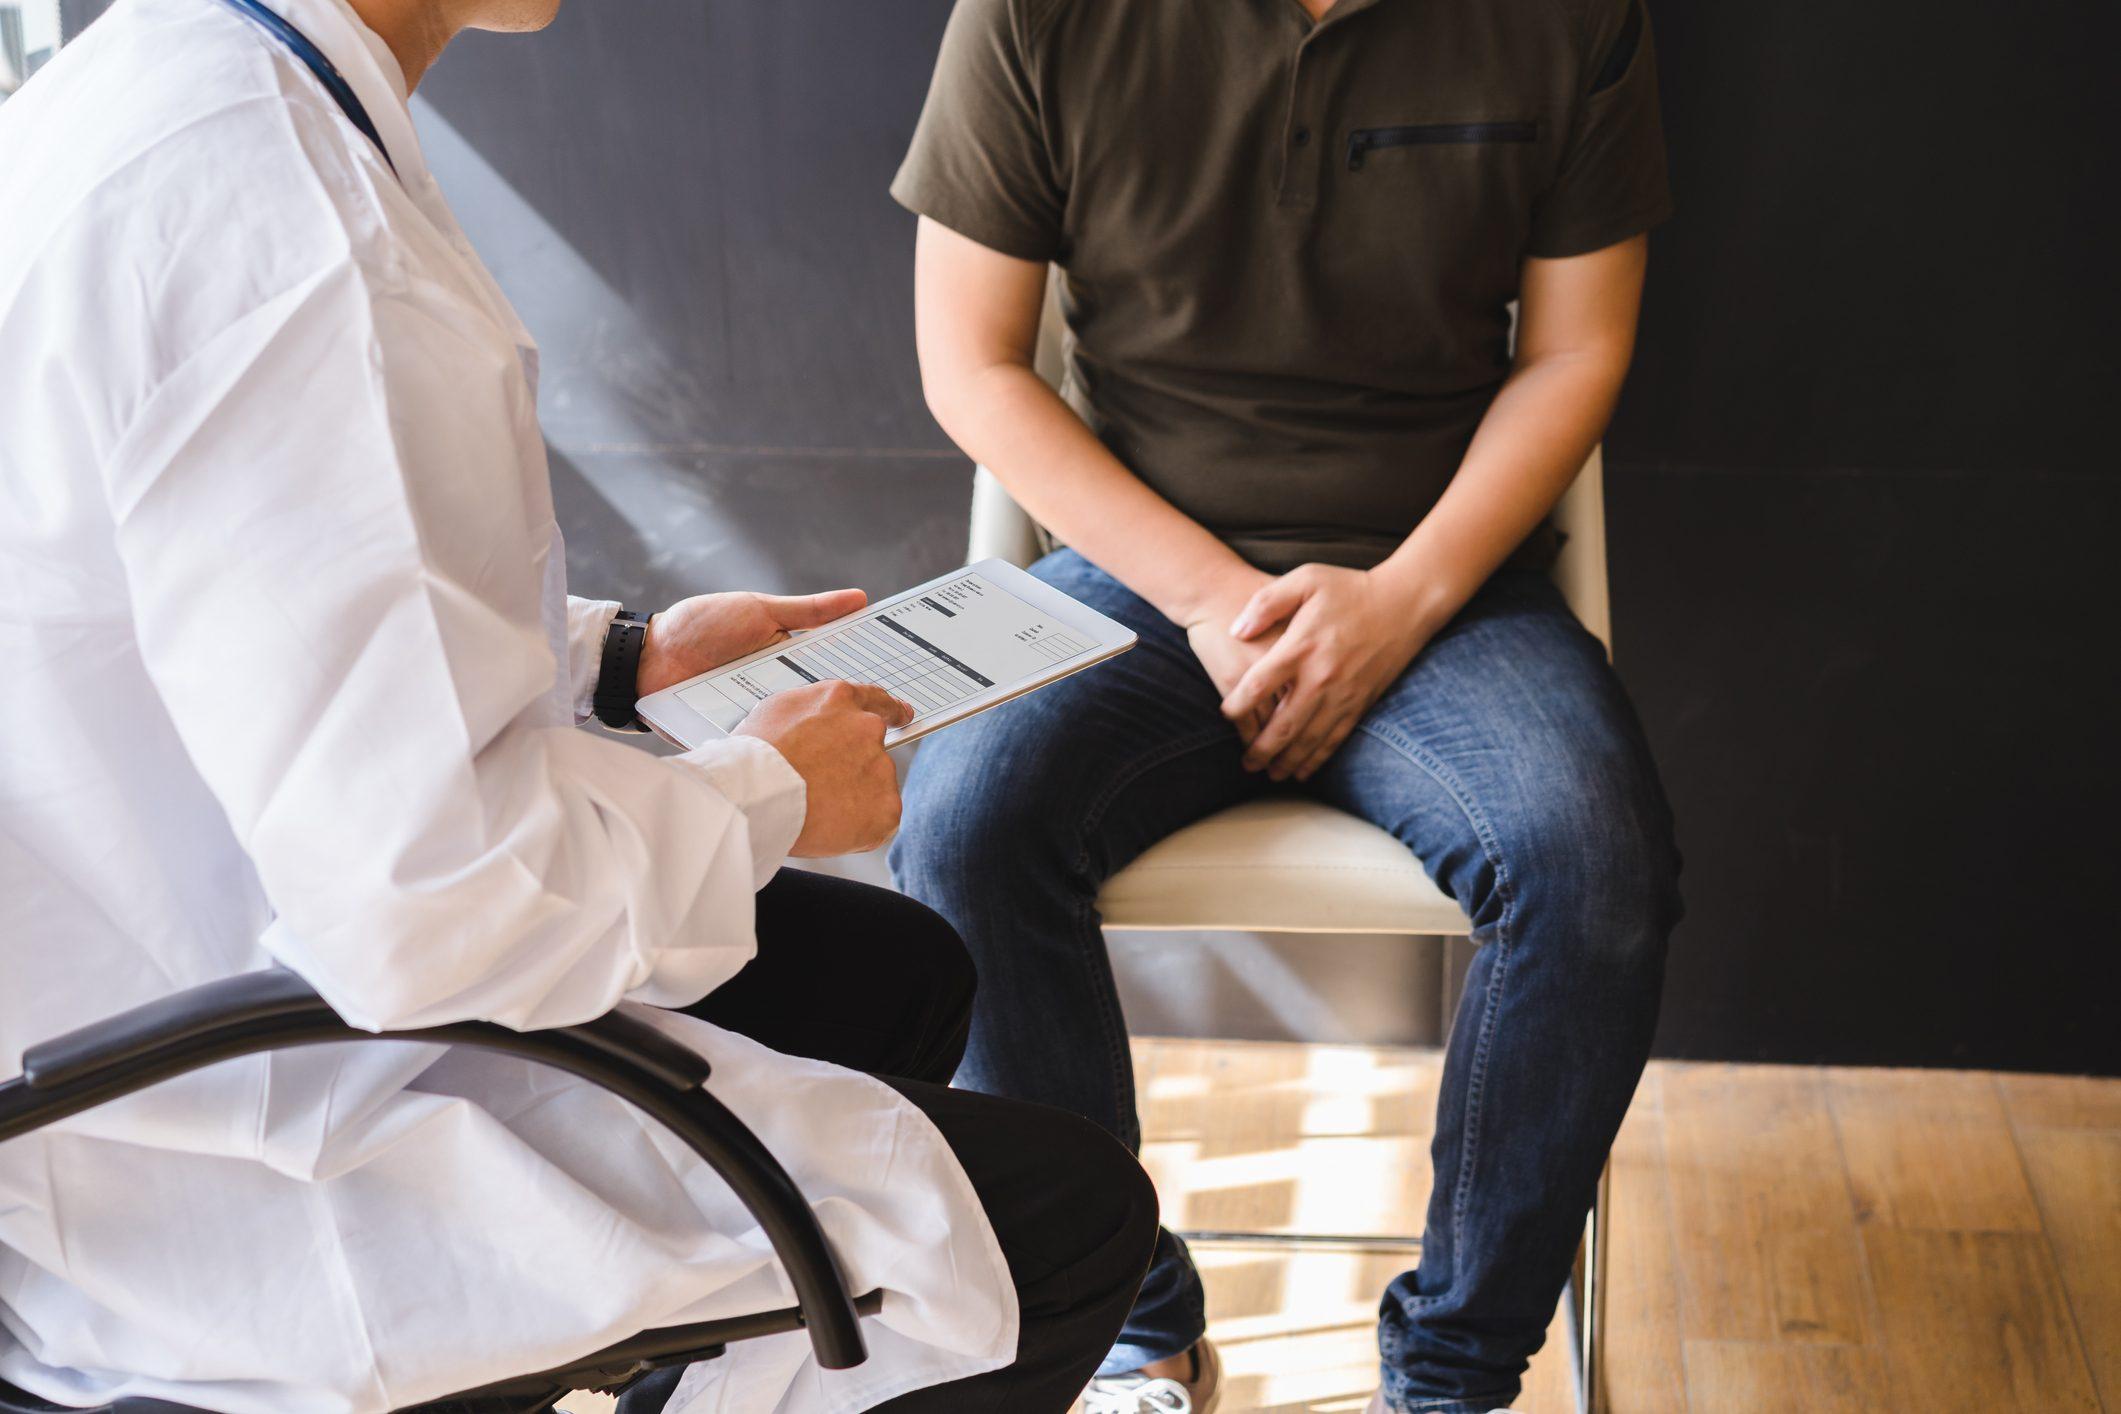 test del cancro alla prostata bjui